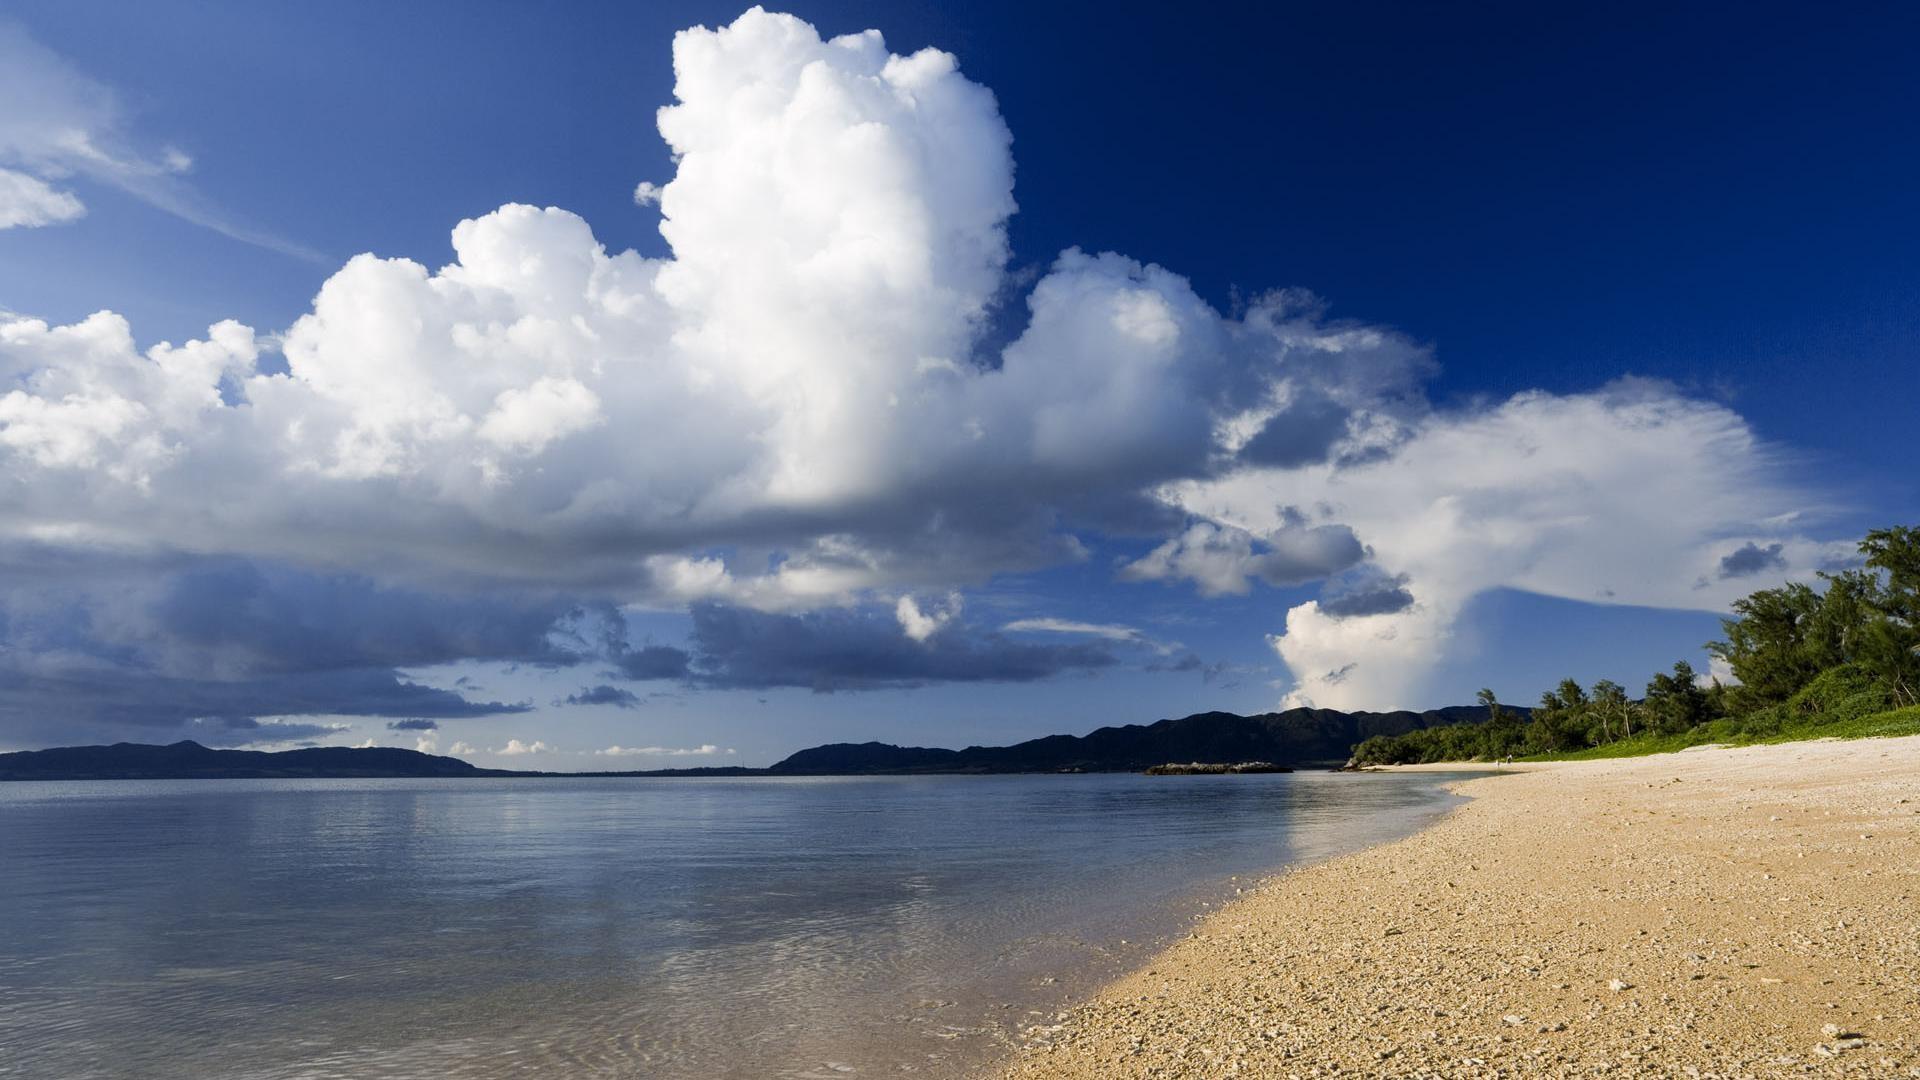 Tropical Beach Desktop Wallpapers Group 83: HD Beach Desktop Backgrounds (61+ Images